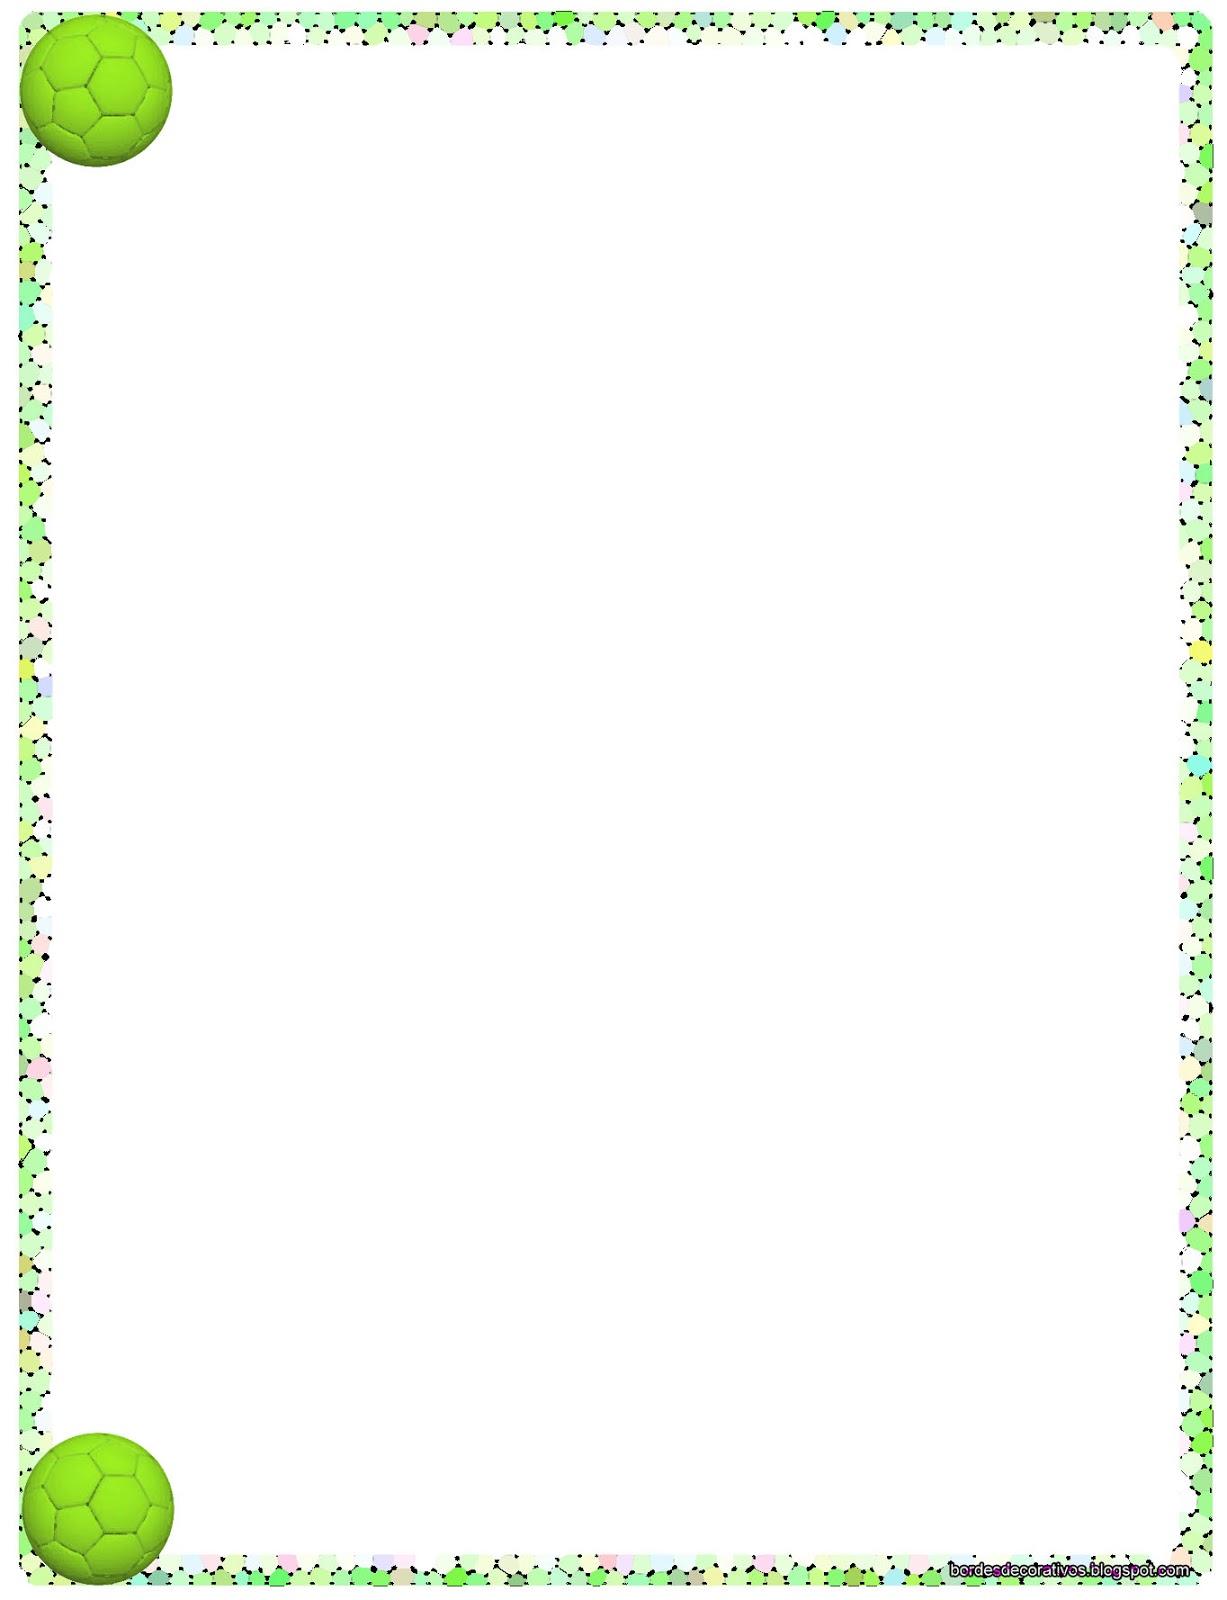 Bordes decorativos bordes decorativos de hojas de f tbol - Pagina de decoracion ...